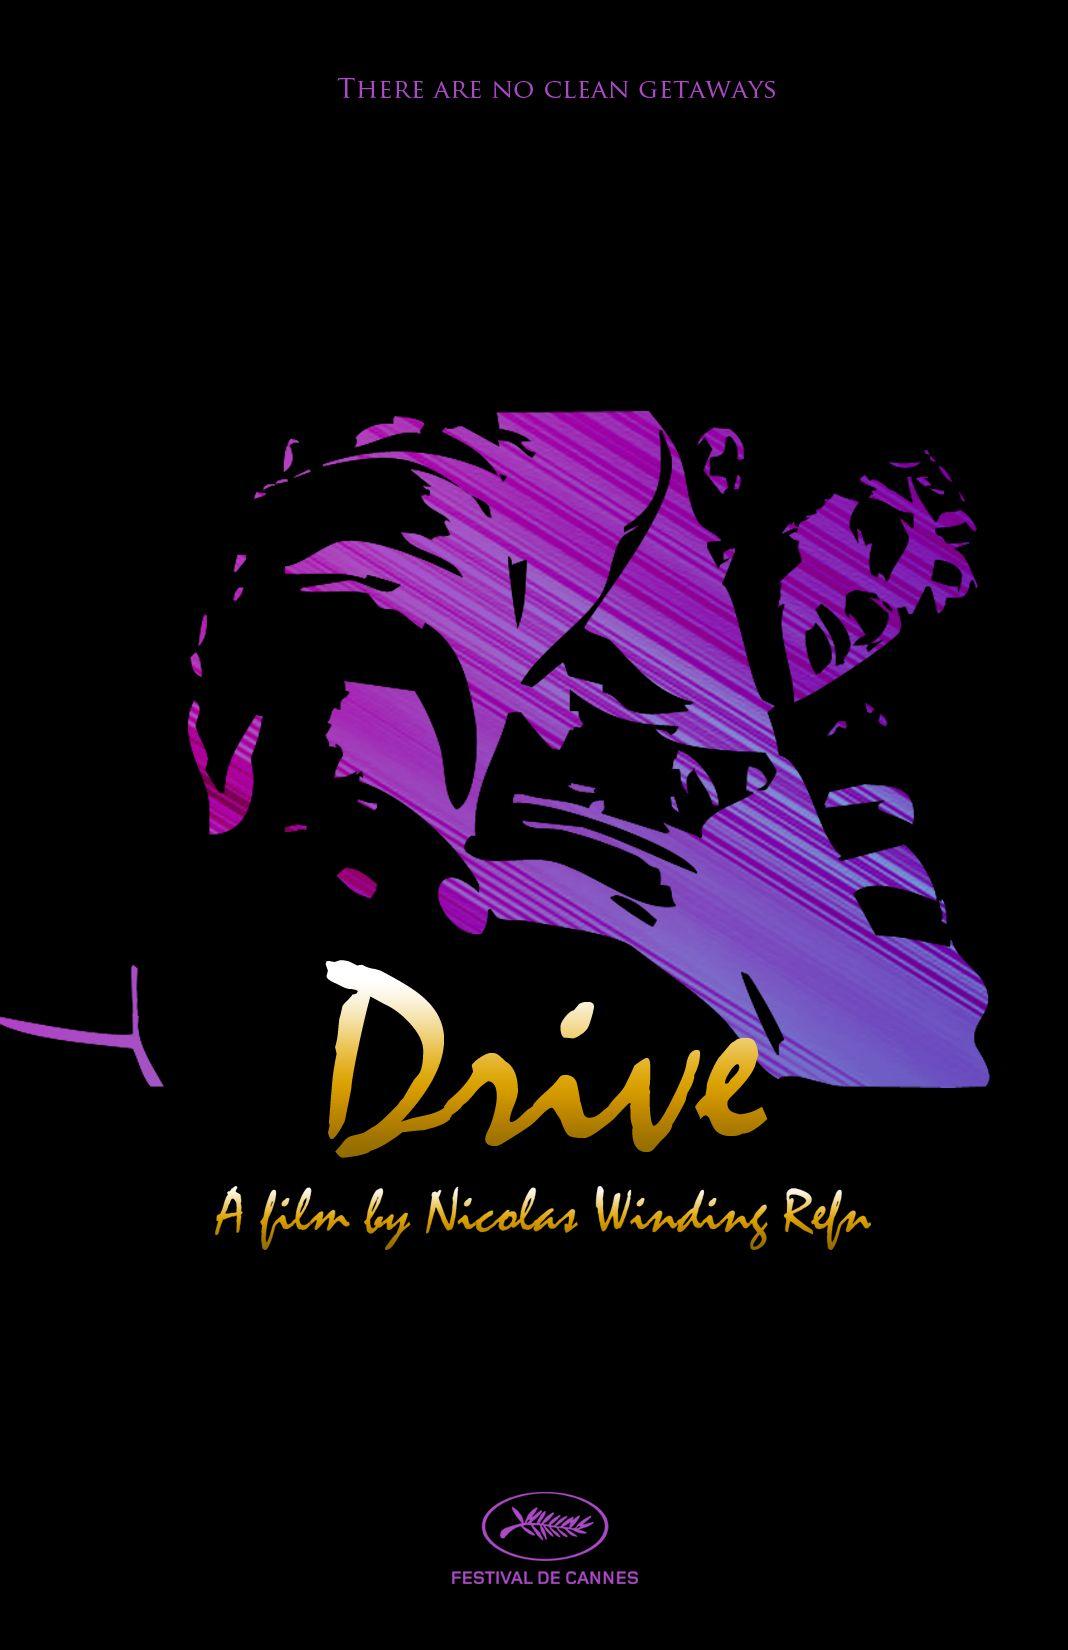 Drive Fan Art